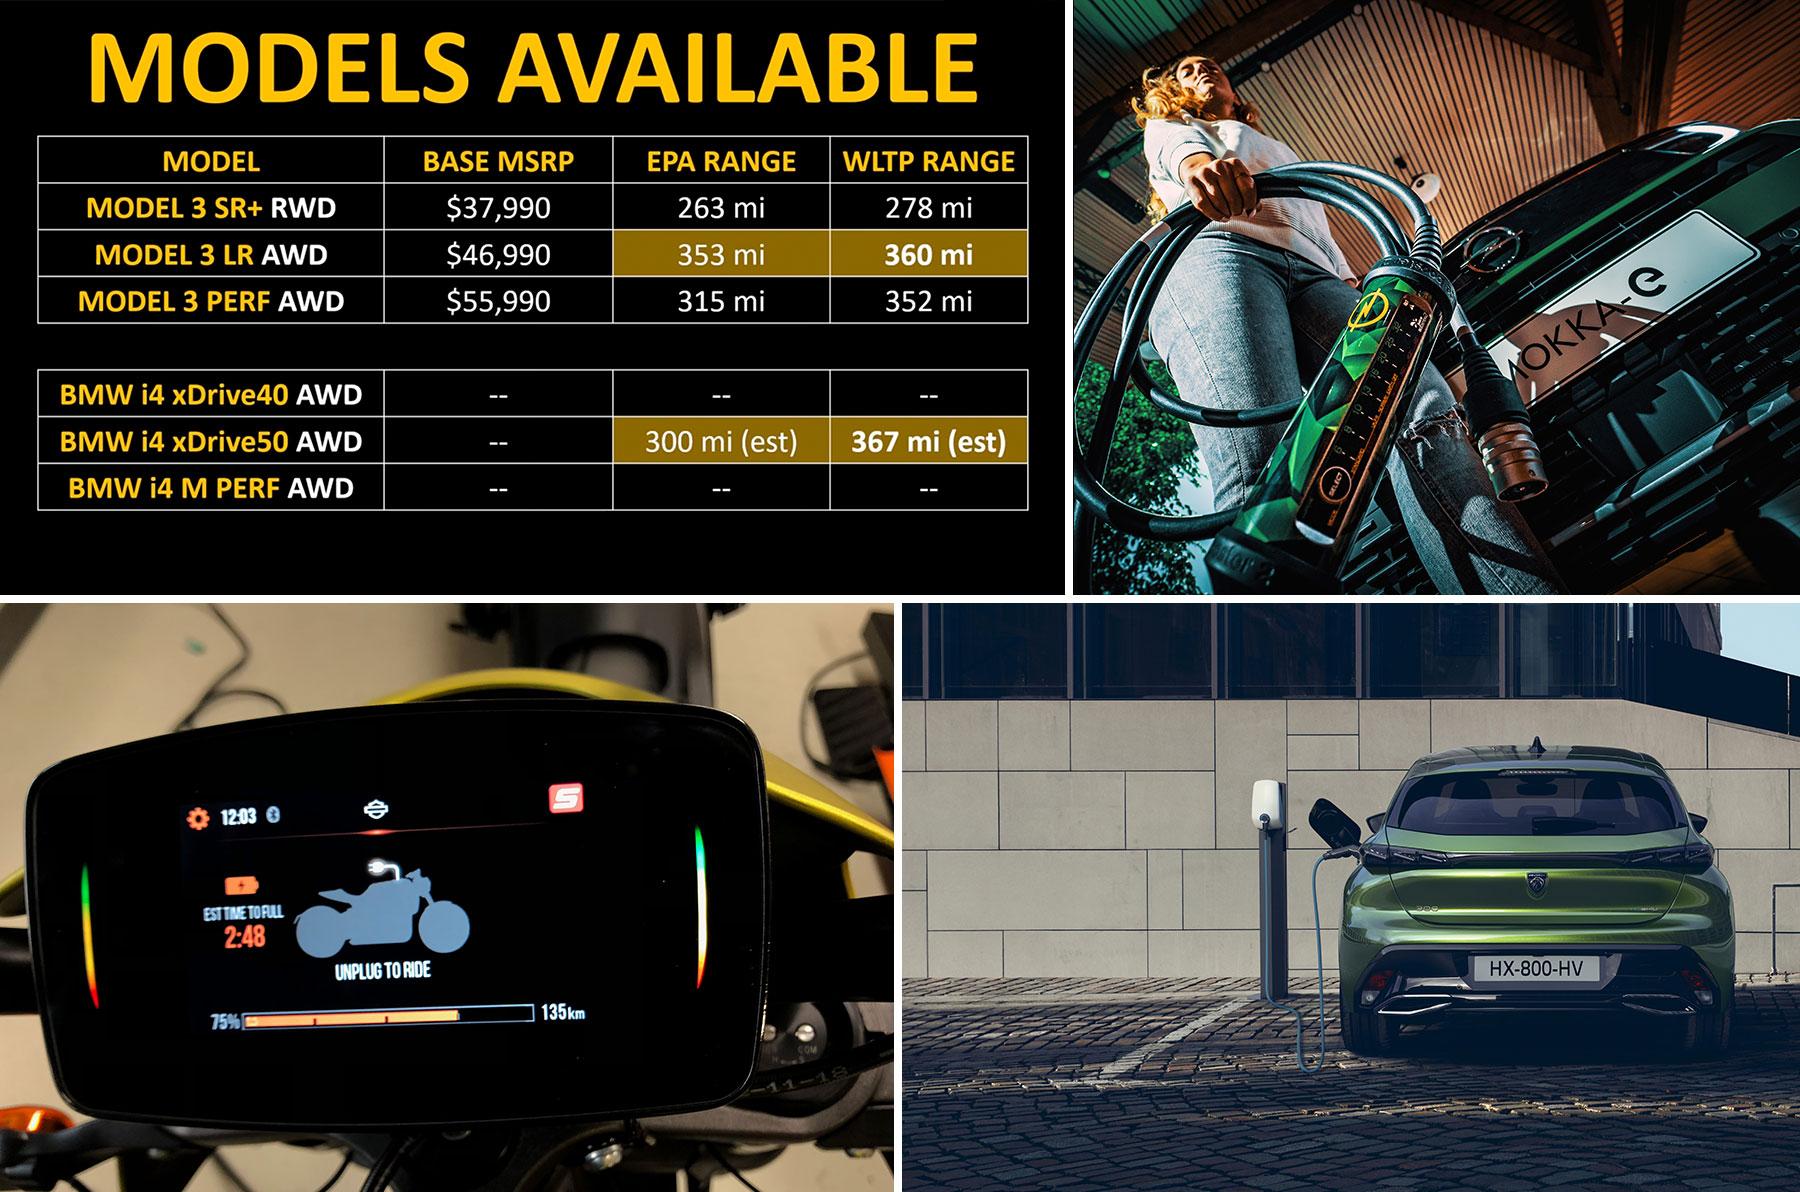 Freitag Kompakt: Tesla Model 3 vs BMW i4, Akzeptanz für Elektromotorräder wächst, wann kommt der PEUGEOT e-308 - e-engine - Alles rund um E-Mobilität